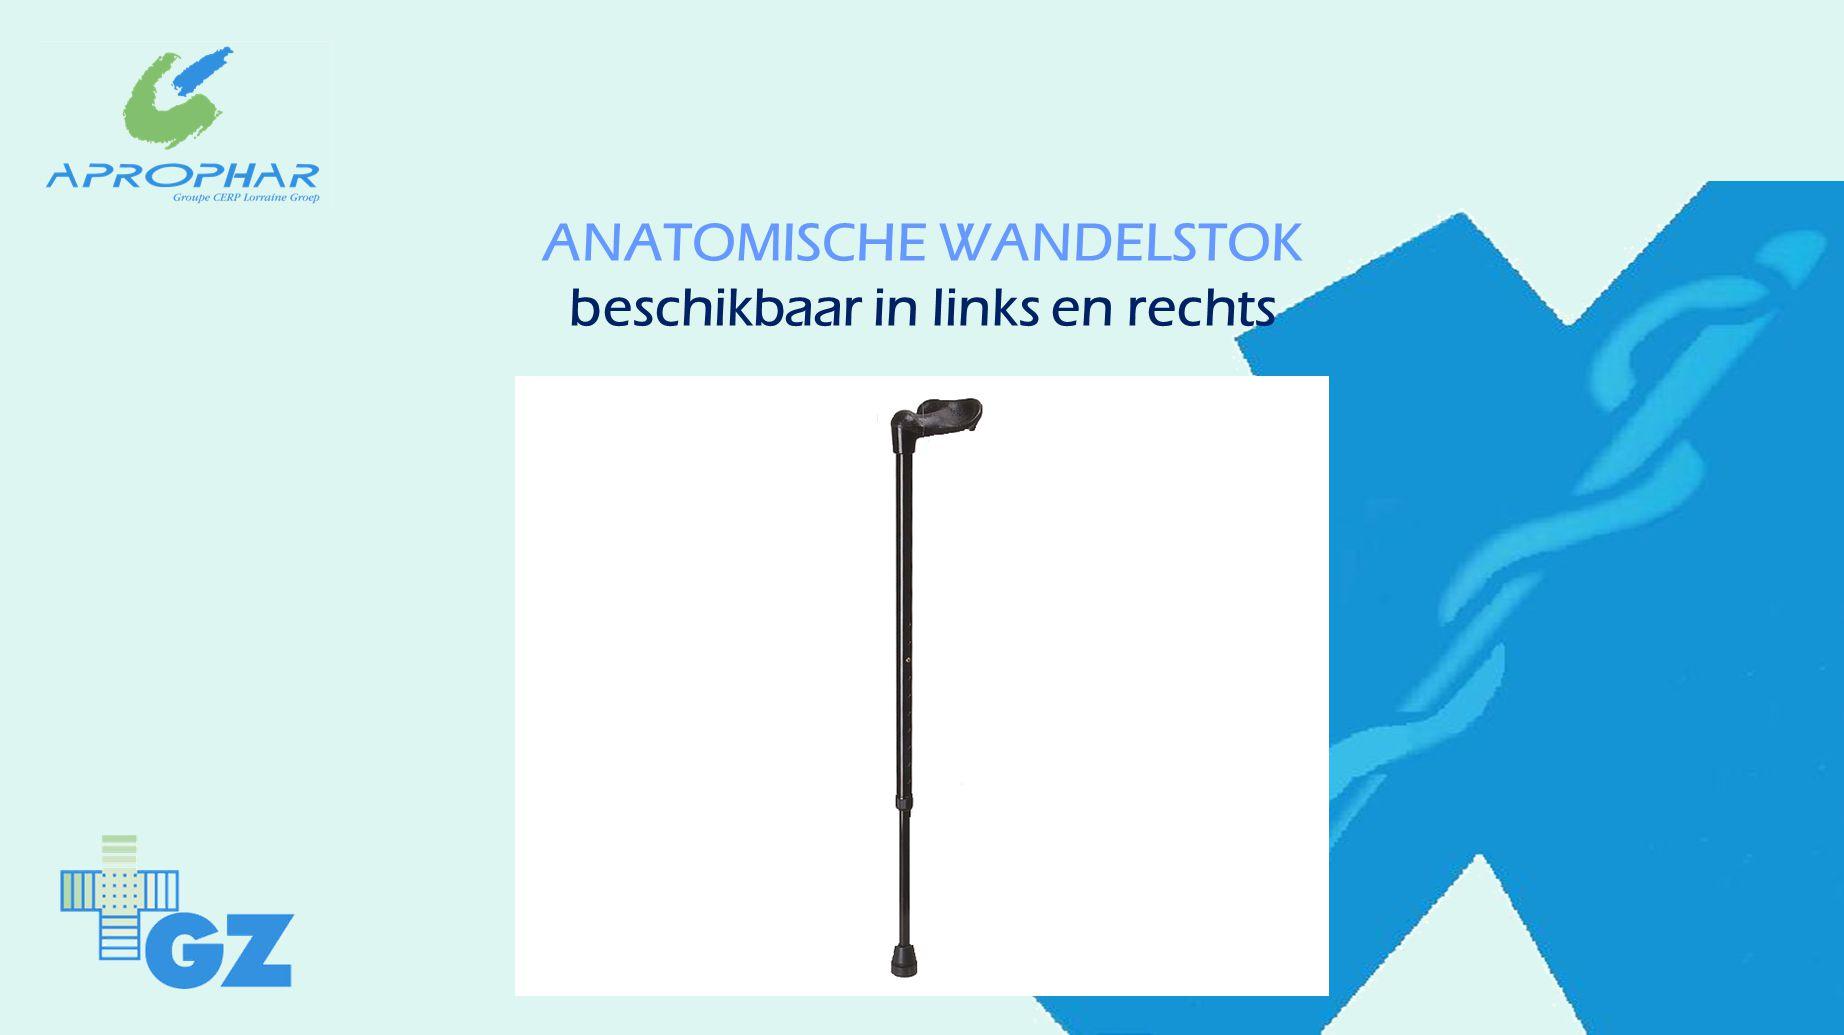 ANATOMISCHE WANDELSTOK beschikbaar in links en rechts